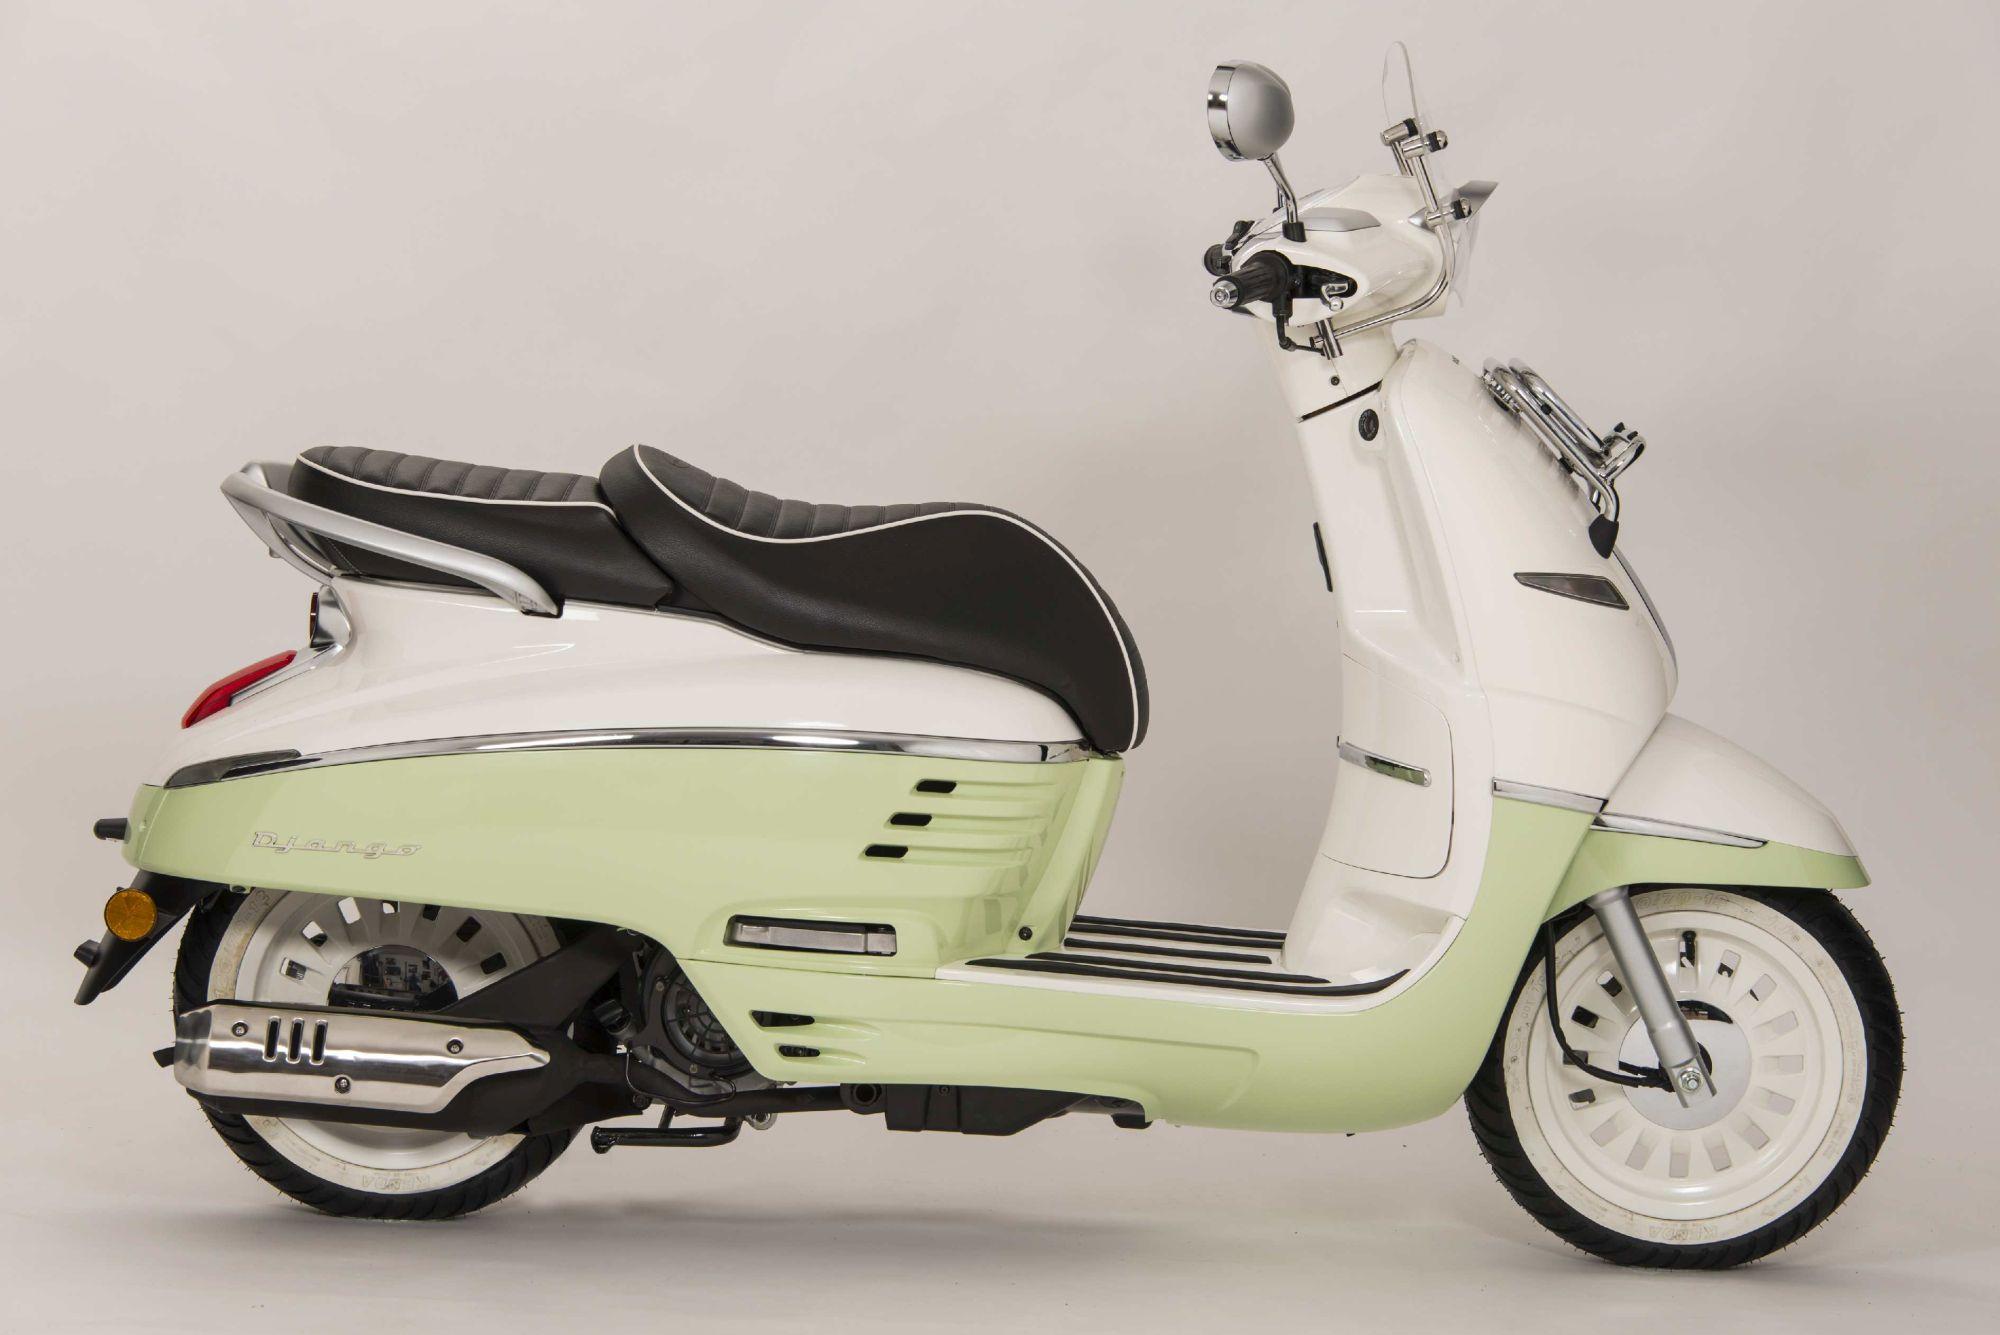 peugeot django 150 evasion - alle technischen daten zum modell